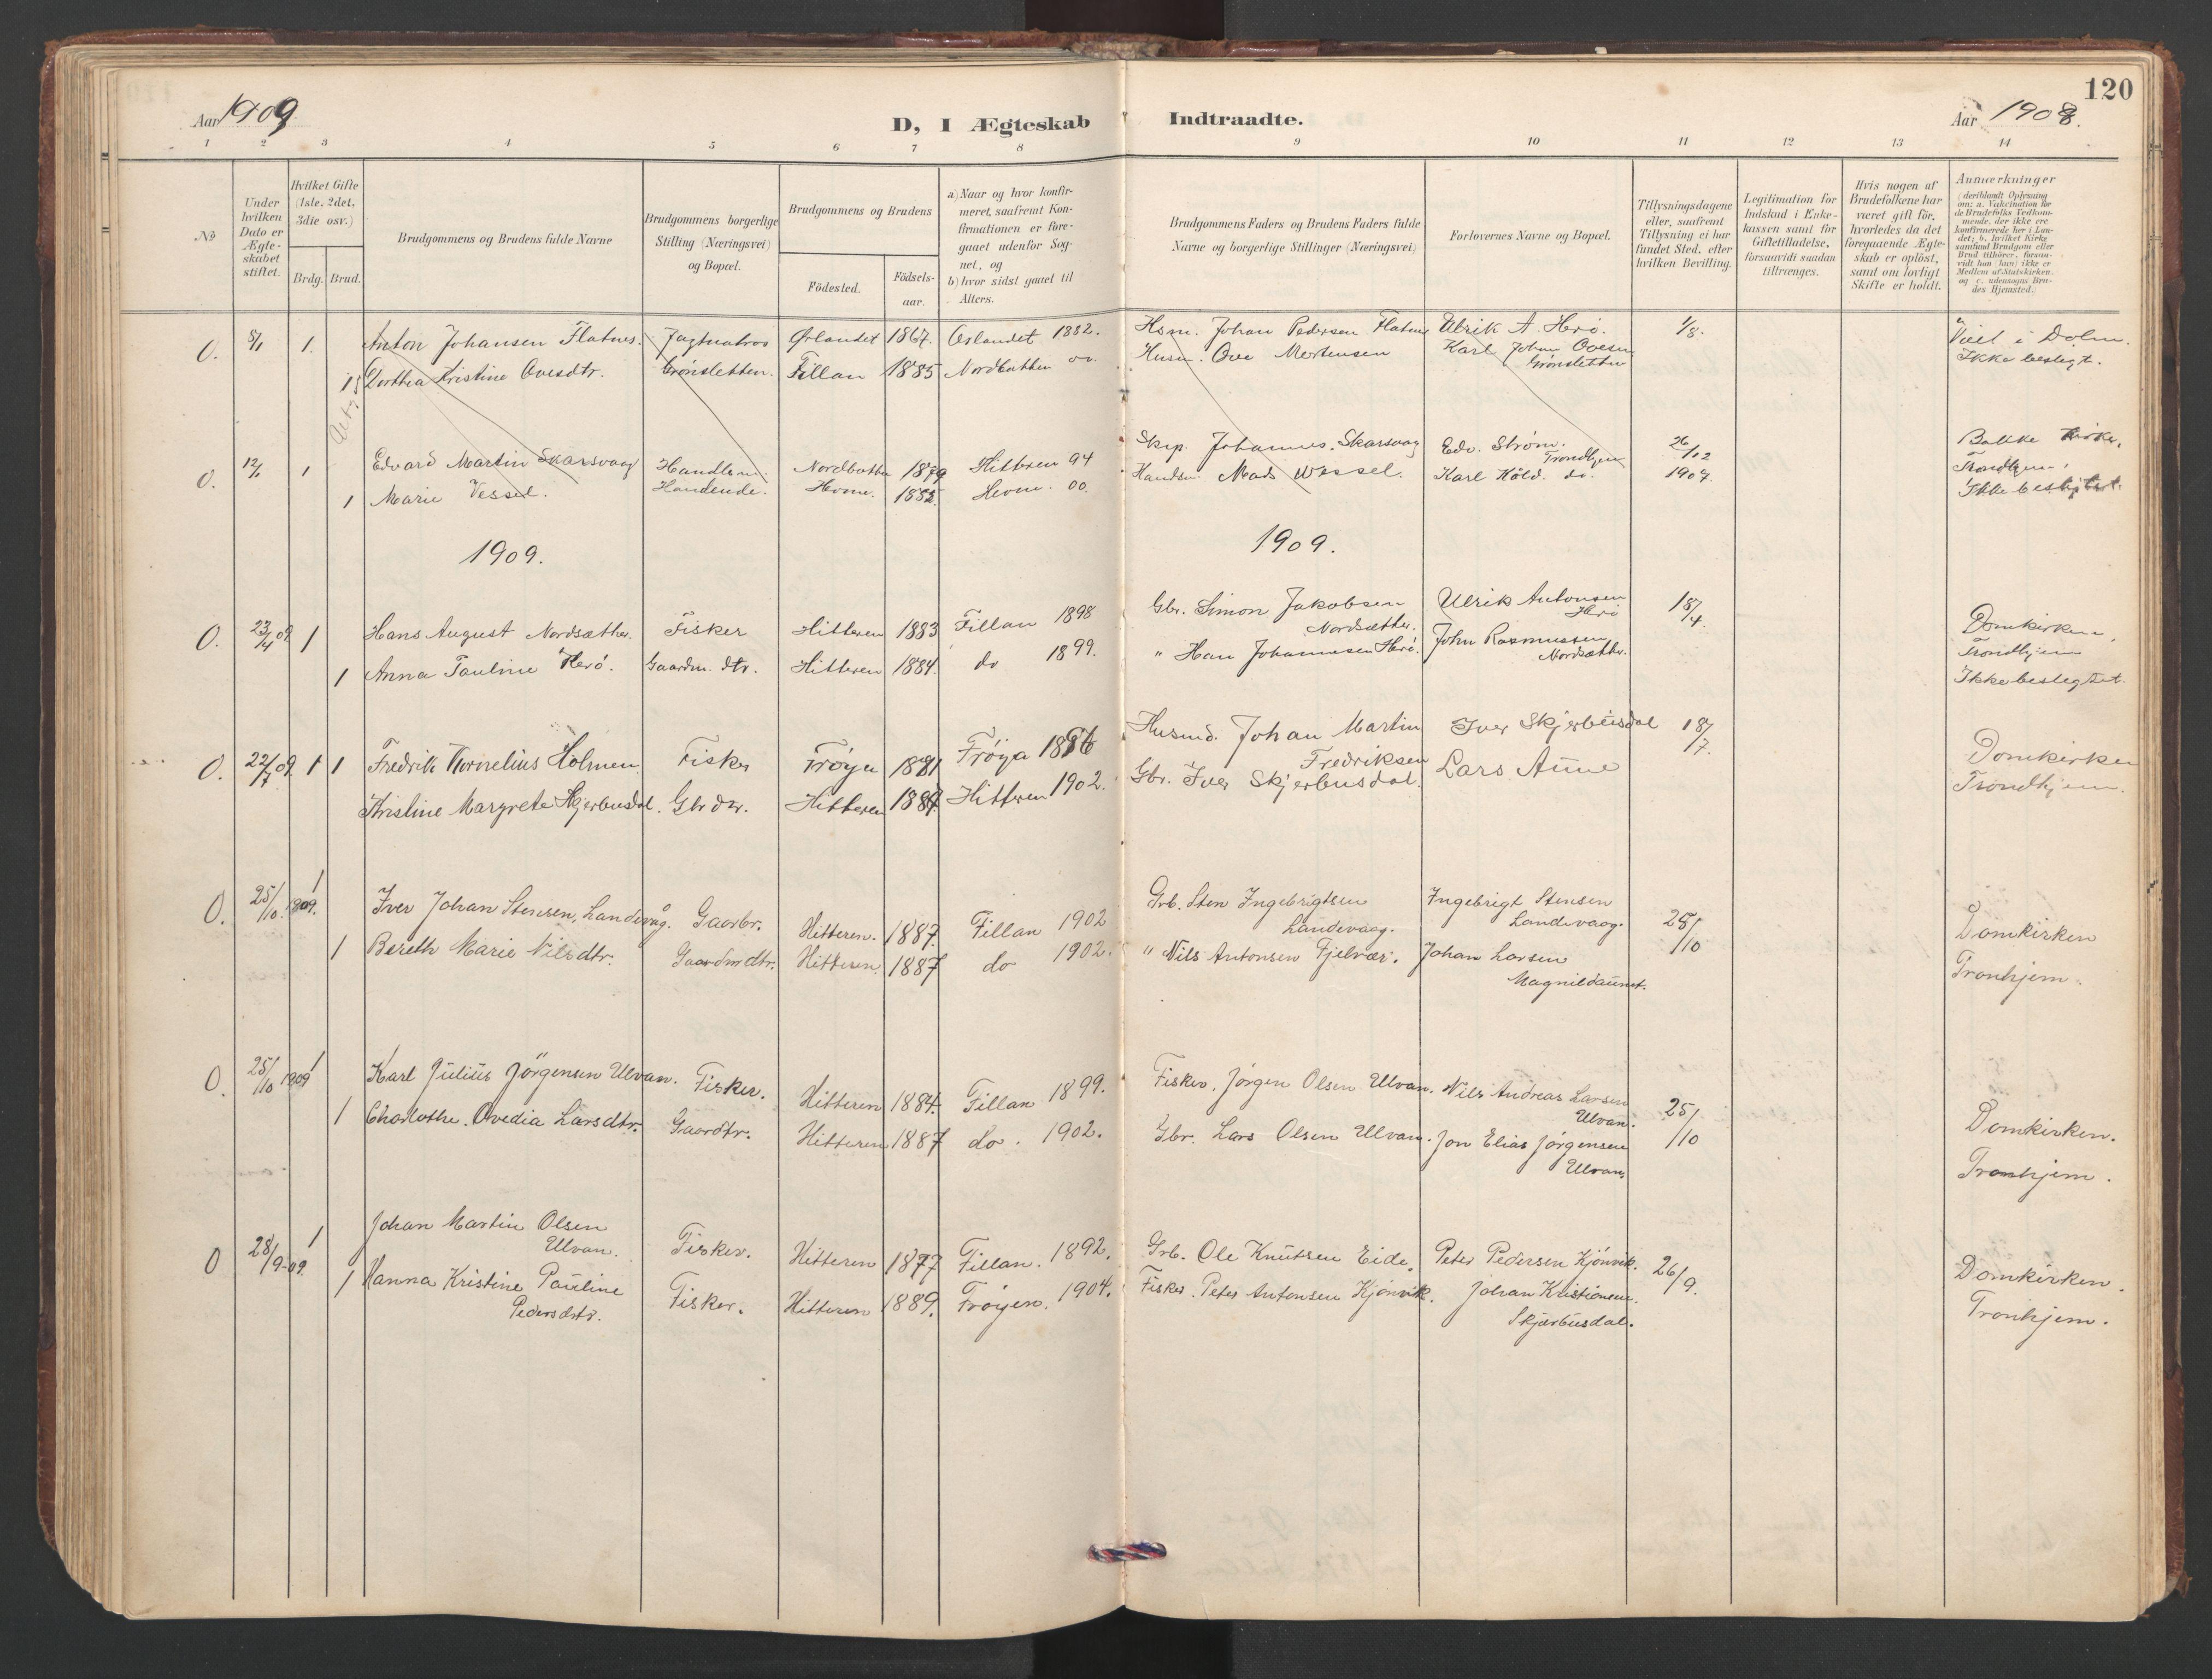 SAT, Ministerialprotokoller, klokkerbøker og fødselsregistre - Sør-Trøndelag, 638/L0571: Klokkerbok nr. 638C03, 1901-1930, s. 120